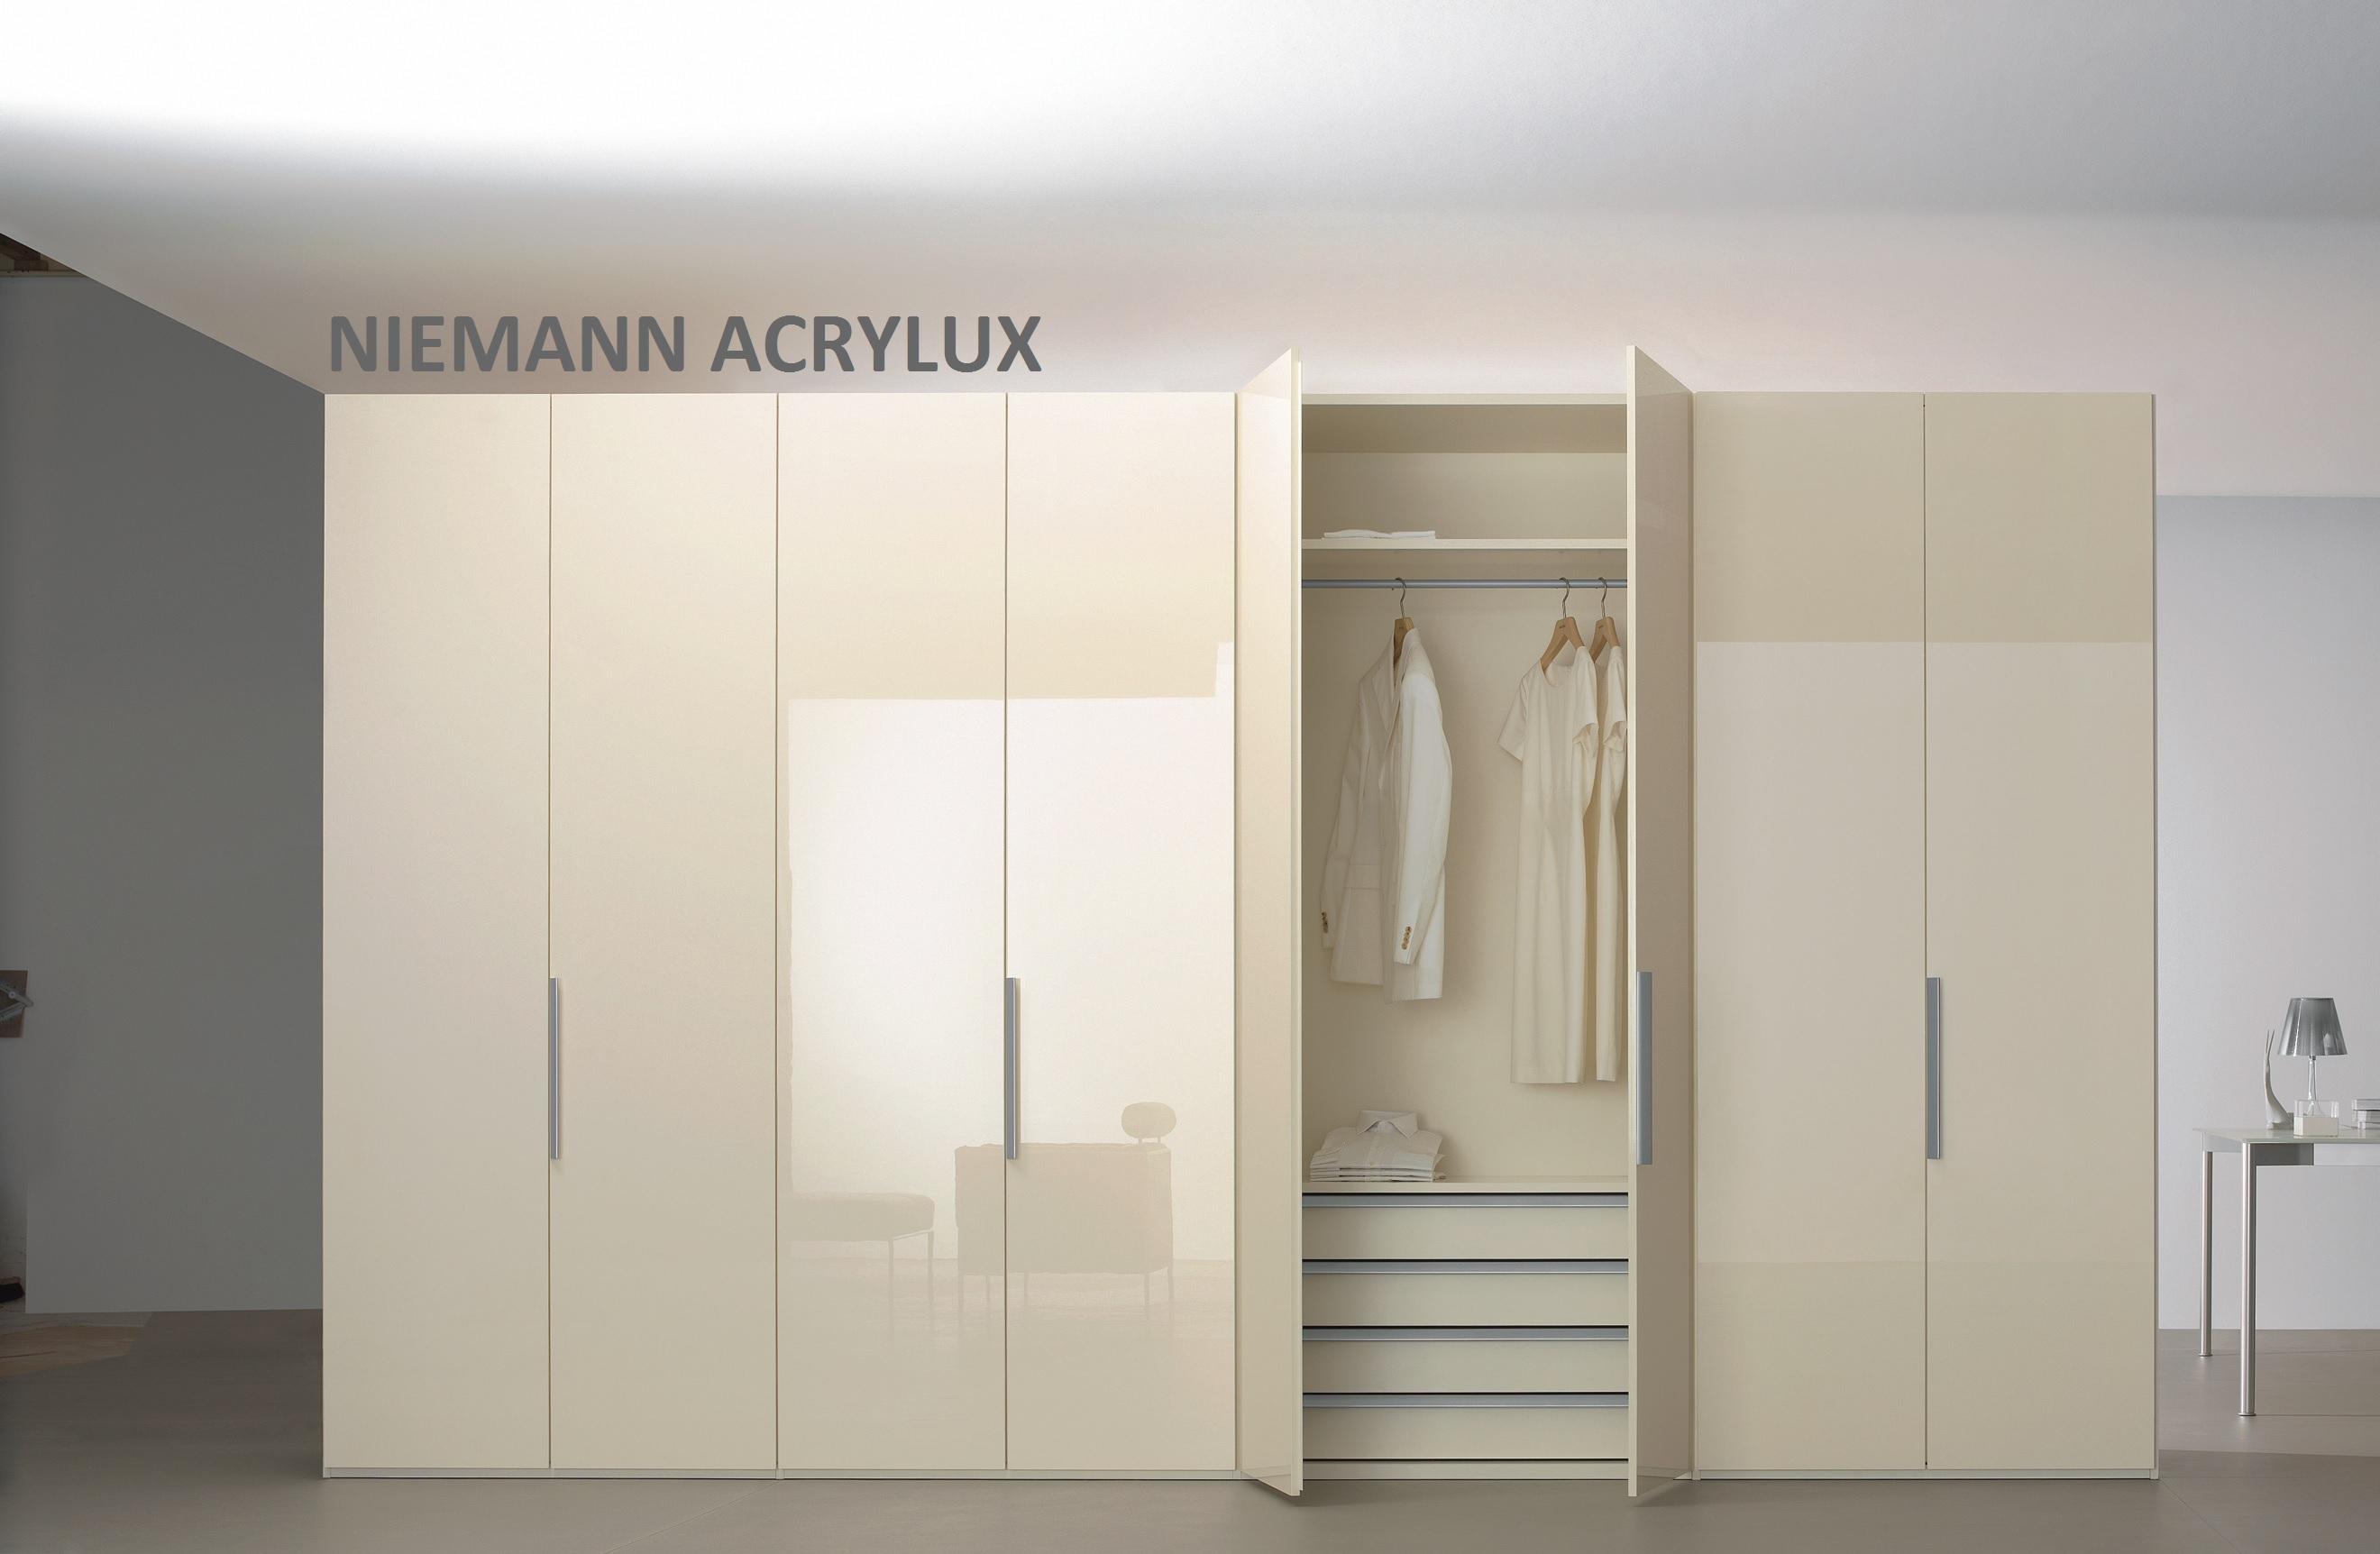 Acrylux | NiemannSA